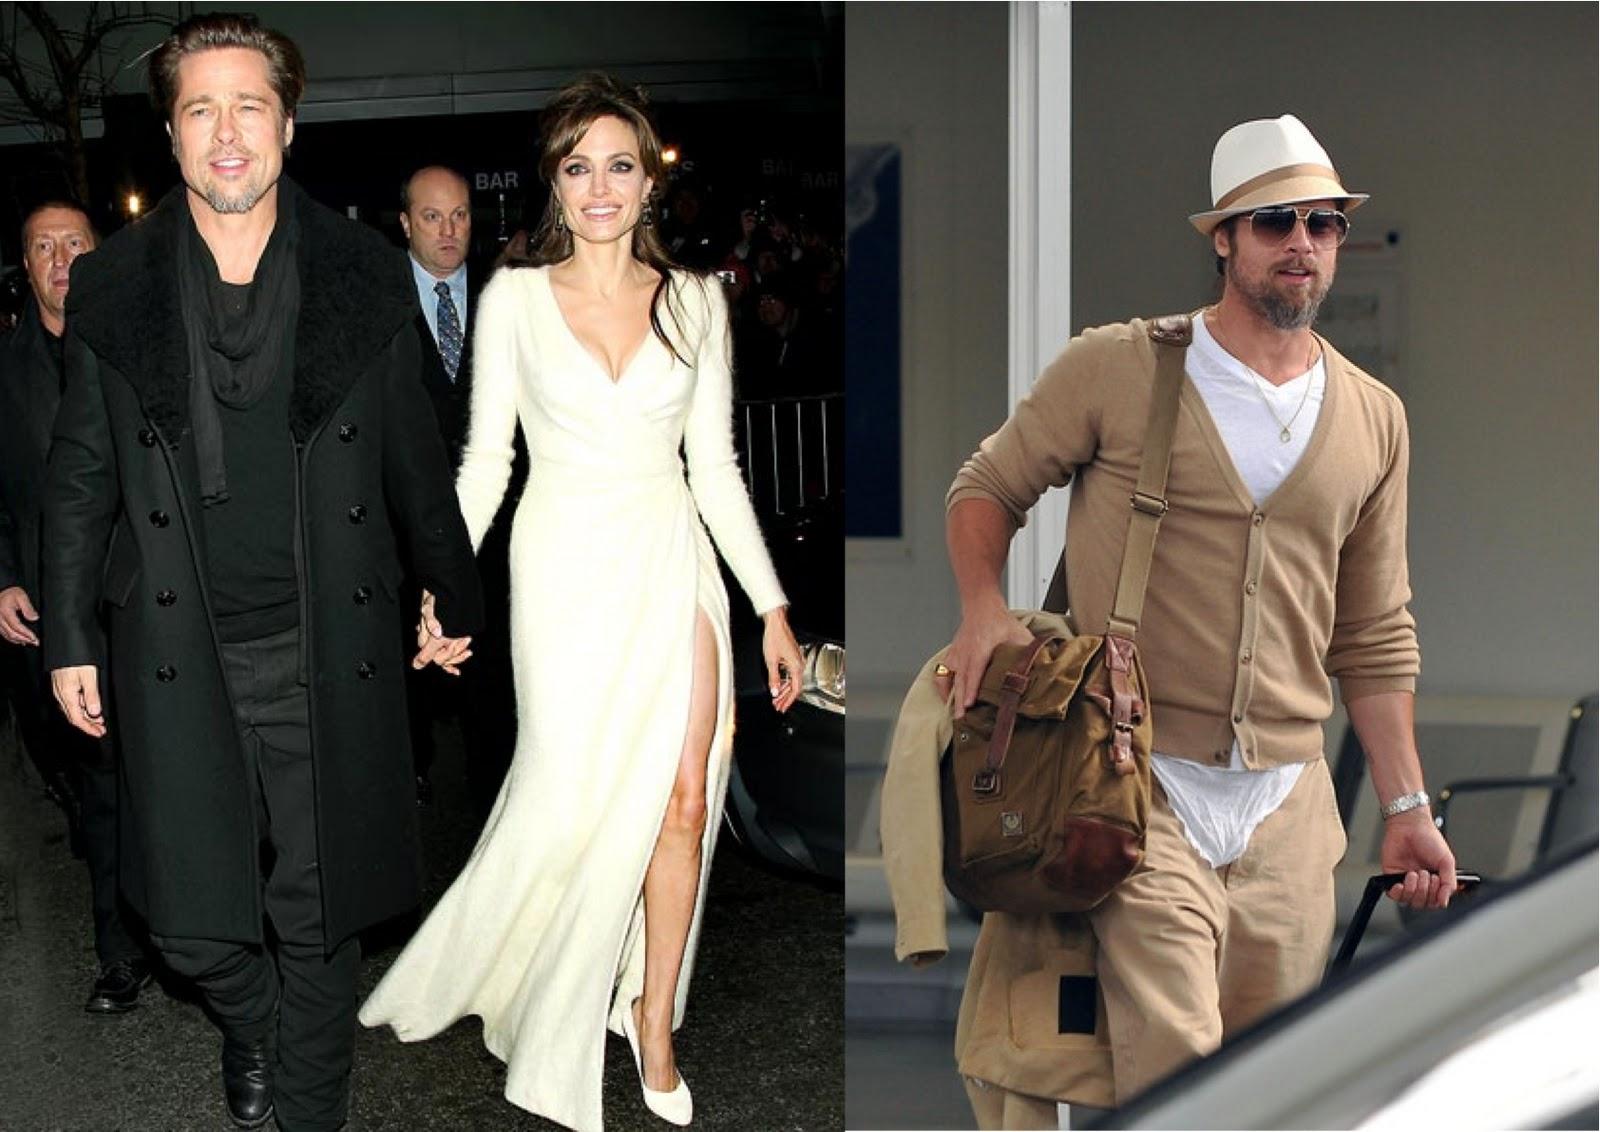 http://4.bp.blogspot.com/_PfmV3qvy8FY/TR0AsaK_ynI/AAAAAAAAAto/U8f4o_zR_0I/s1600/la+modella+mafia%2527s+top+10+best+dressed+men+of+2010+6+Brad+Pitt.jpg